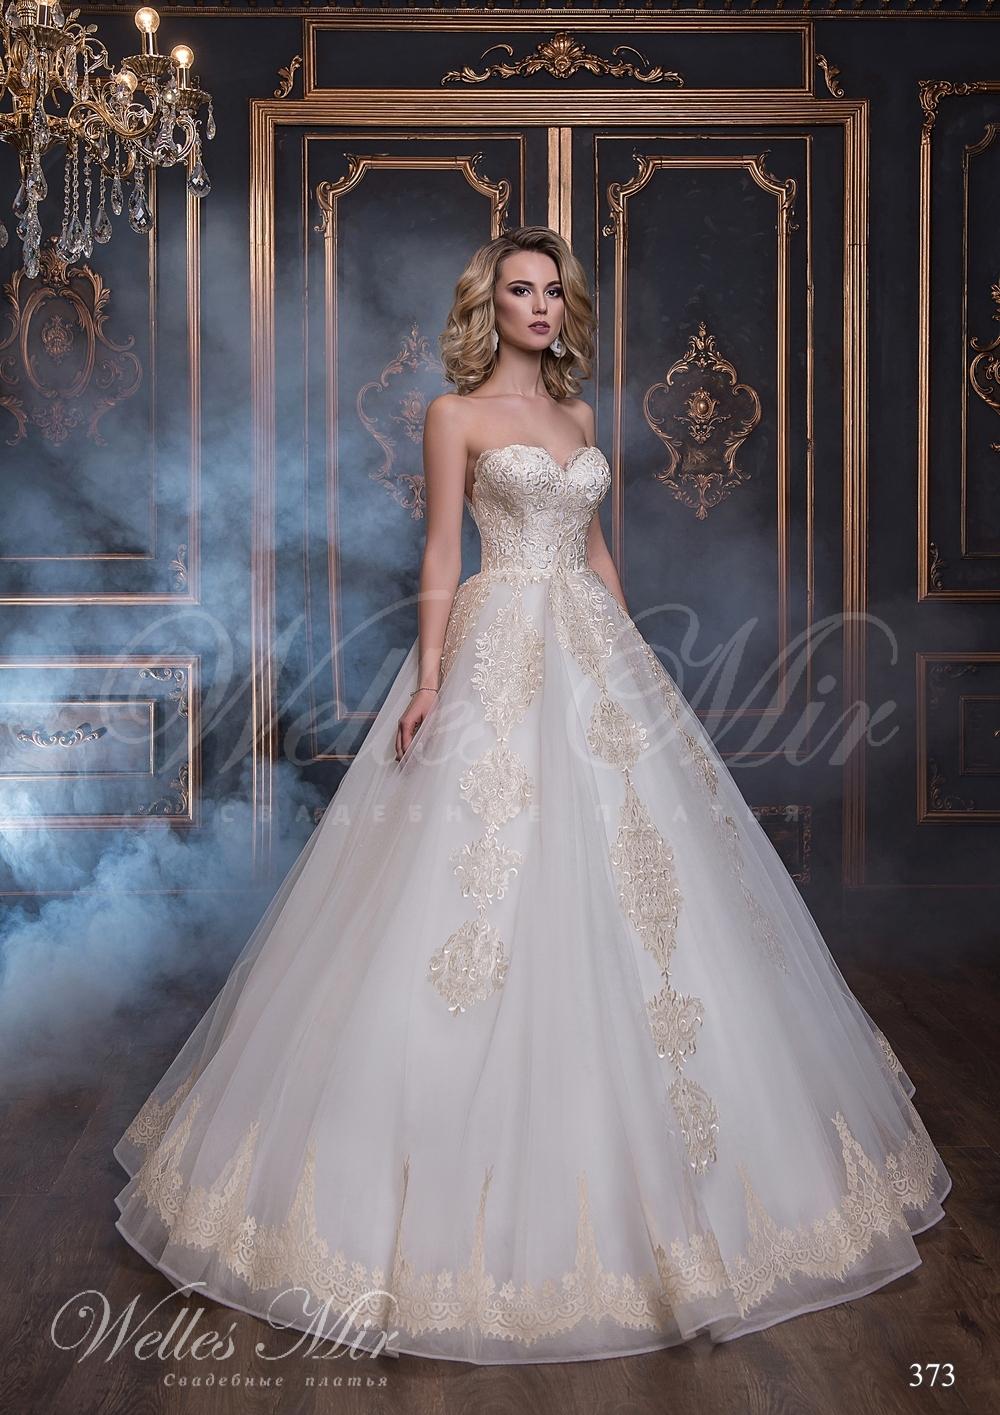 Свадебные платья Luxury collection 2017-2018 - 373